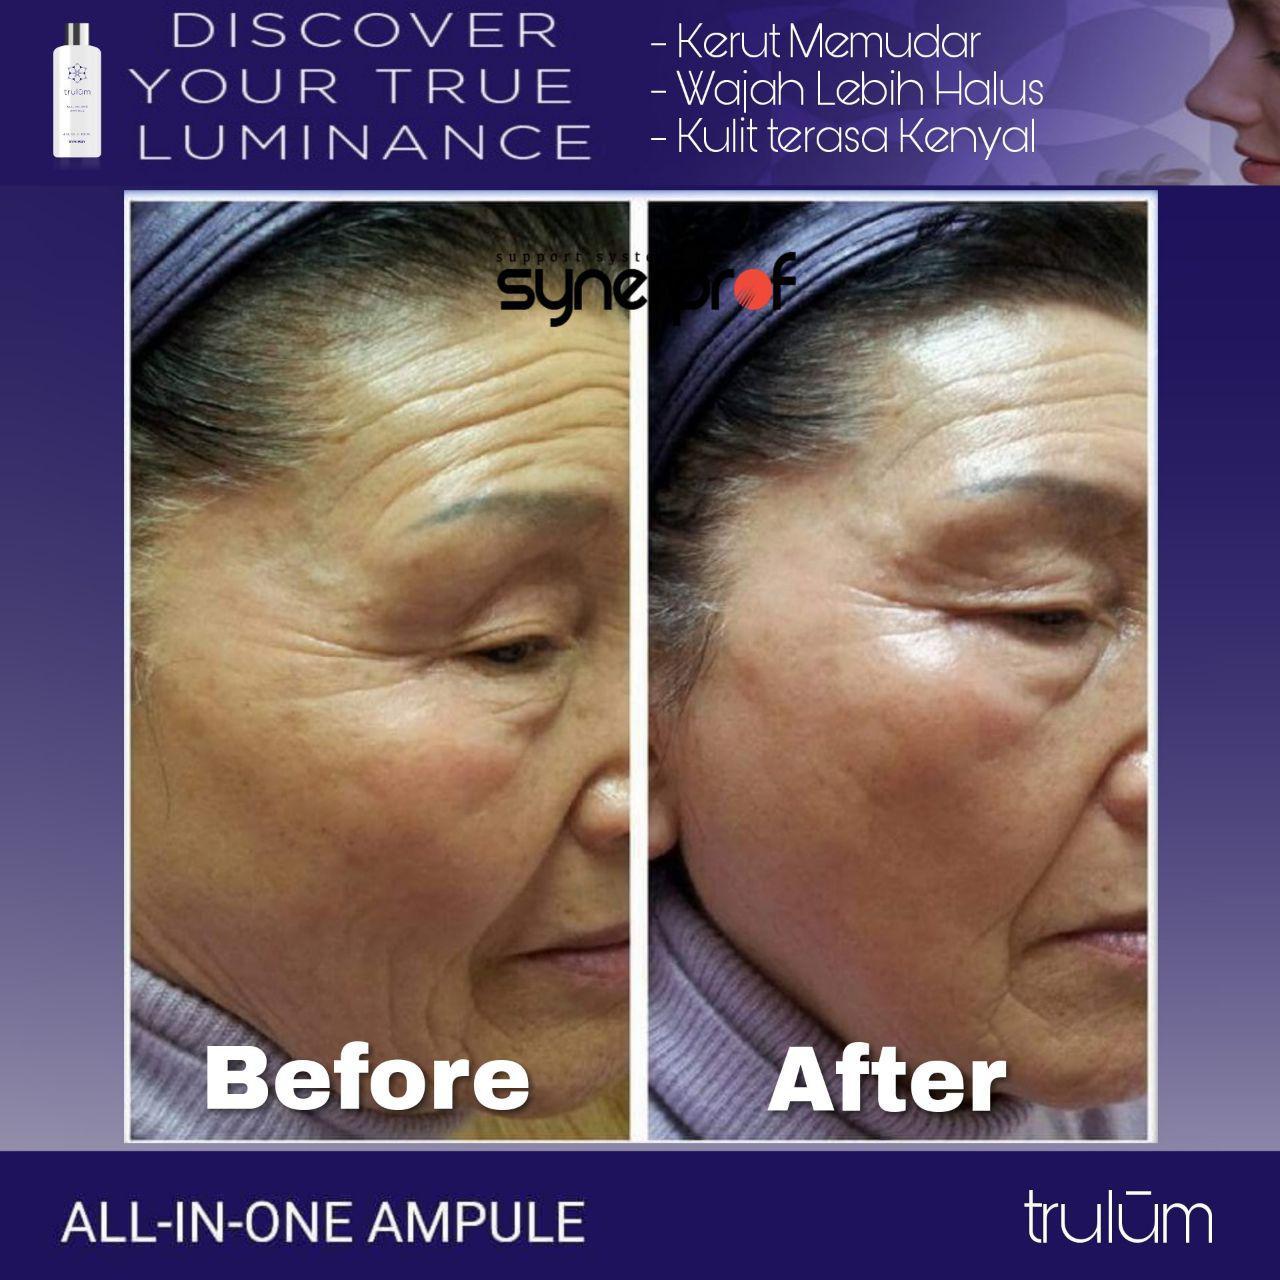 Jual Trulum Kosmetik Di Tapa WA: 08112338376